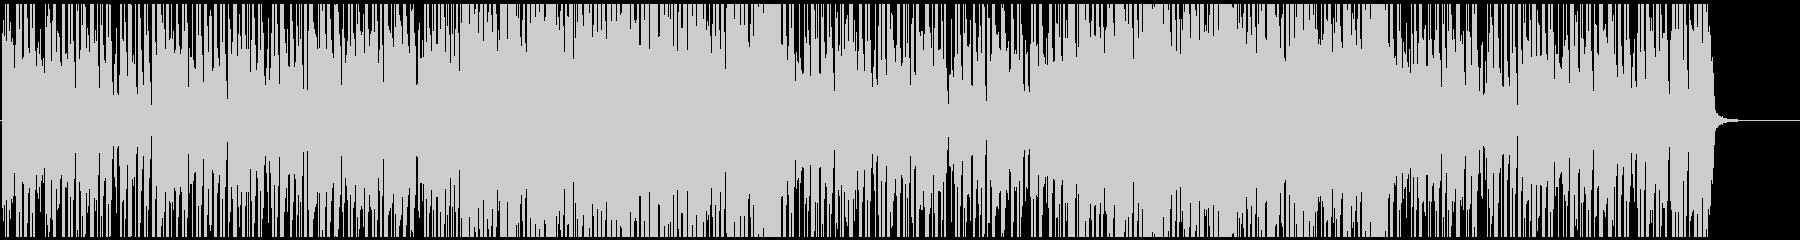 ブルージーな感じのファンクの未再生の波形